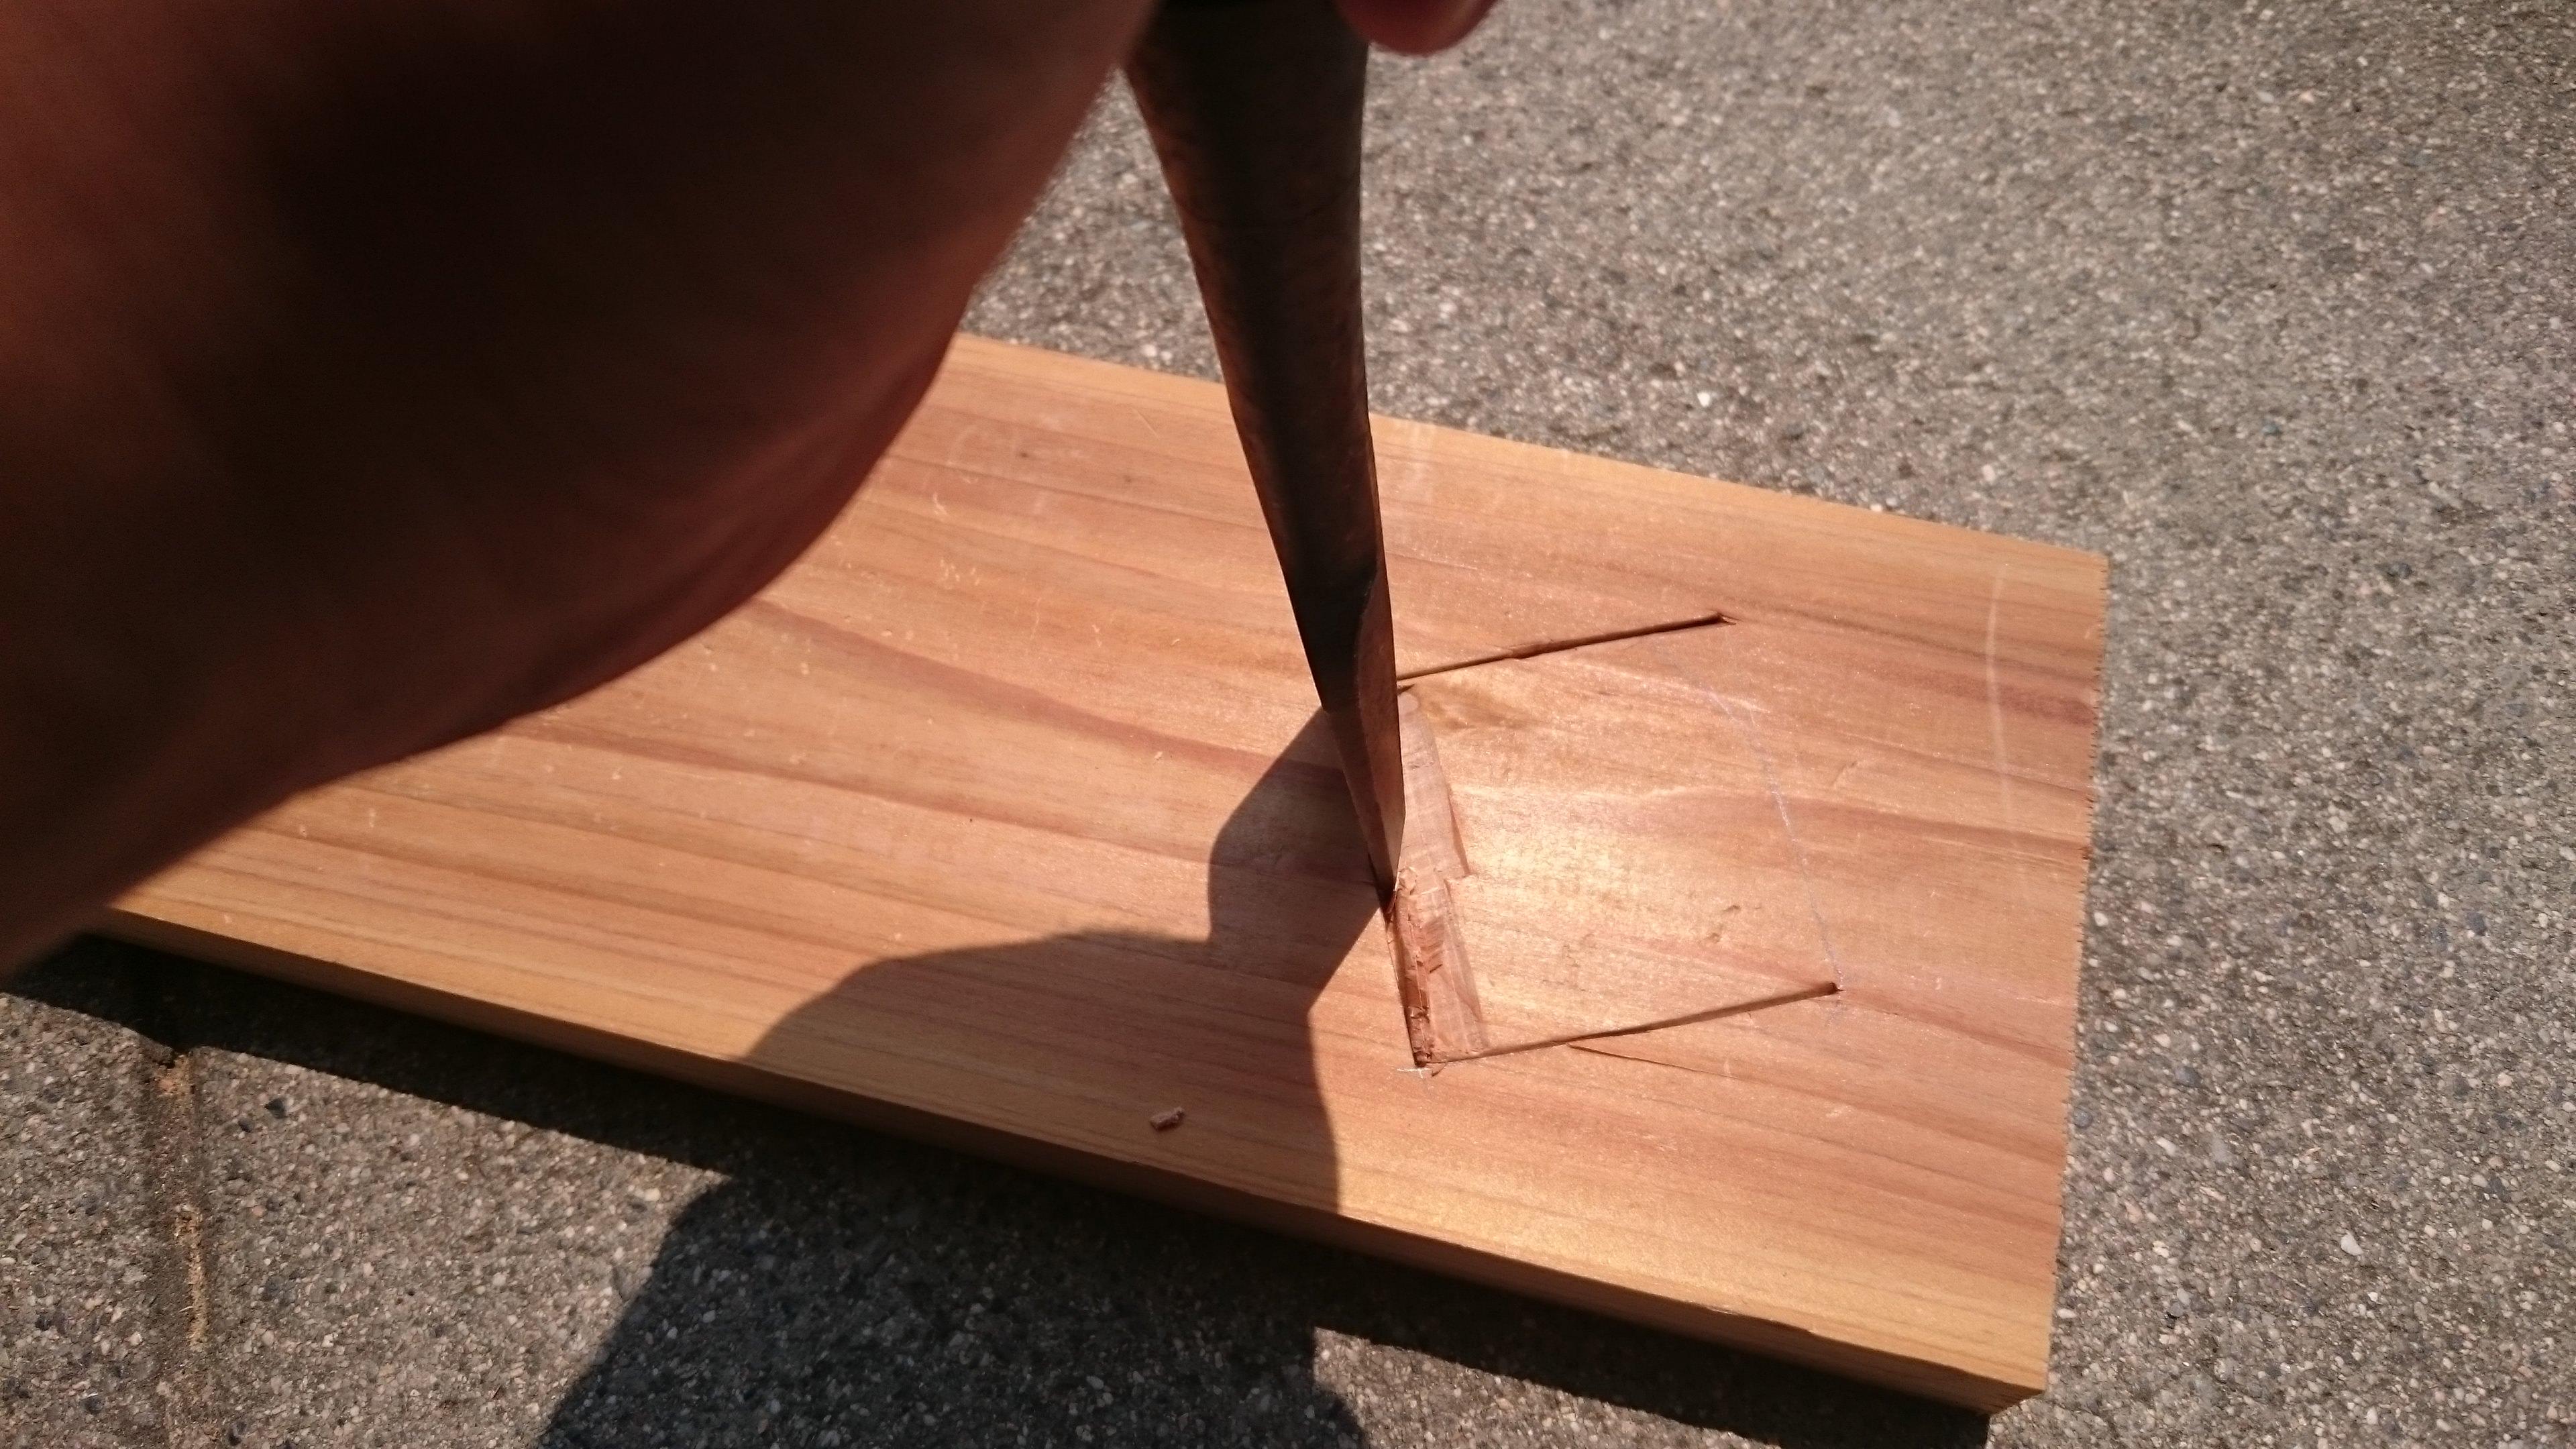 1. ノミで杉板に45mmの正方形の穴をあけます。 いきなり墨のラインで彫っちゃってますが、本当は最初に墨の少し内側で彫ってから仕上げに墨のラインで削ると綺麗にあけれます。